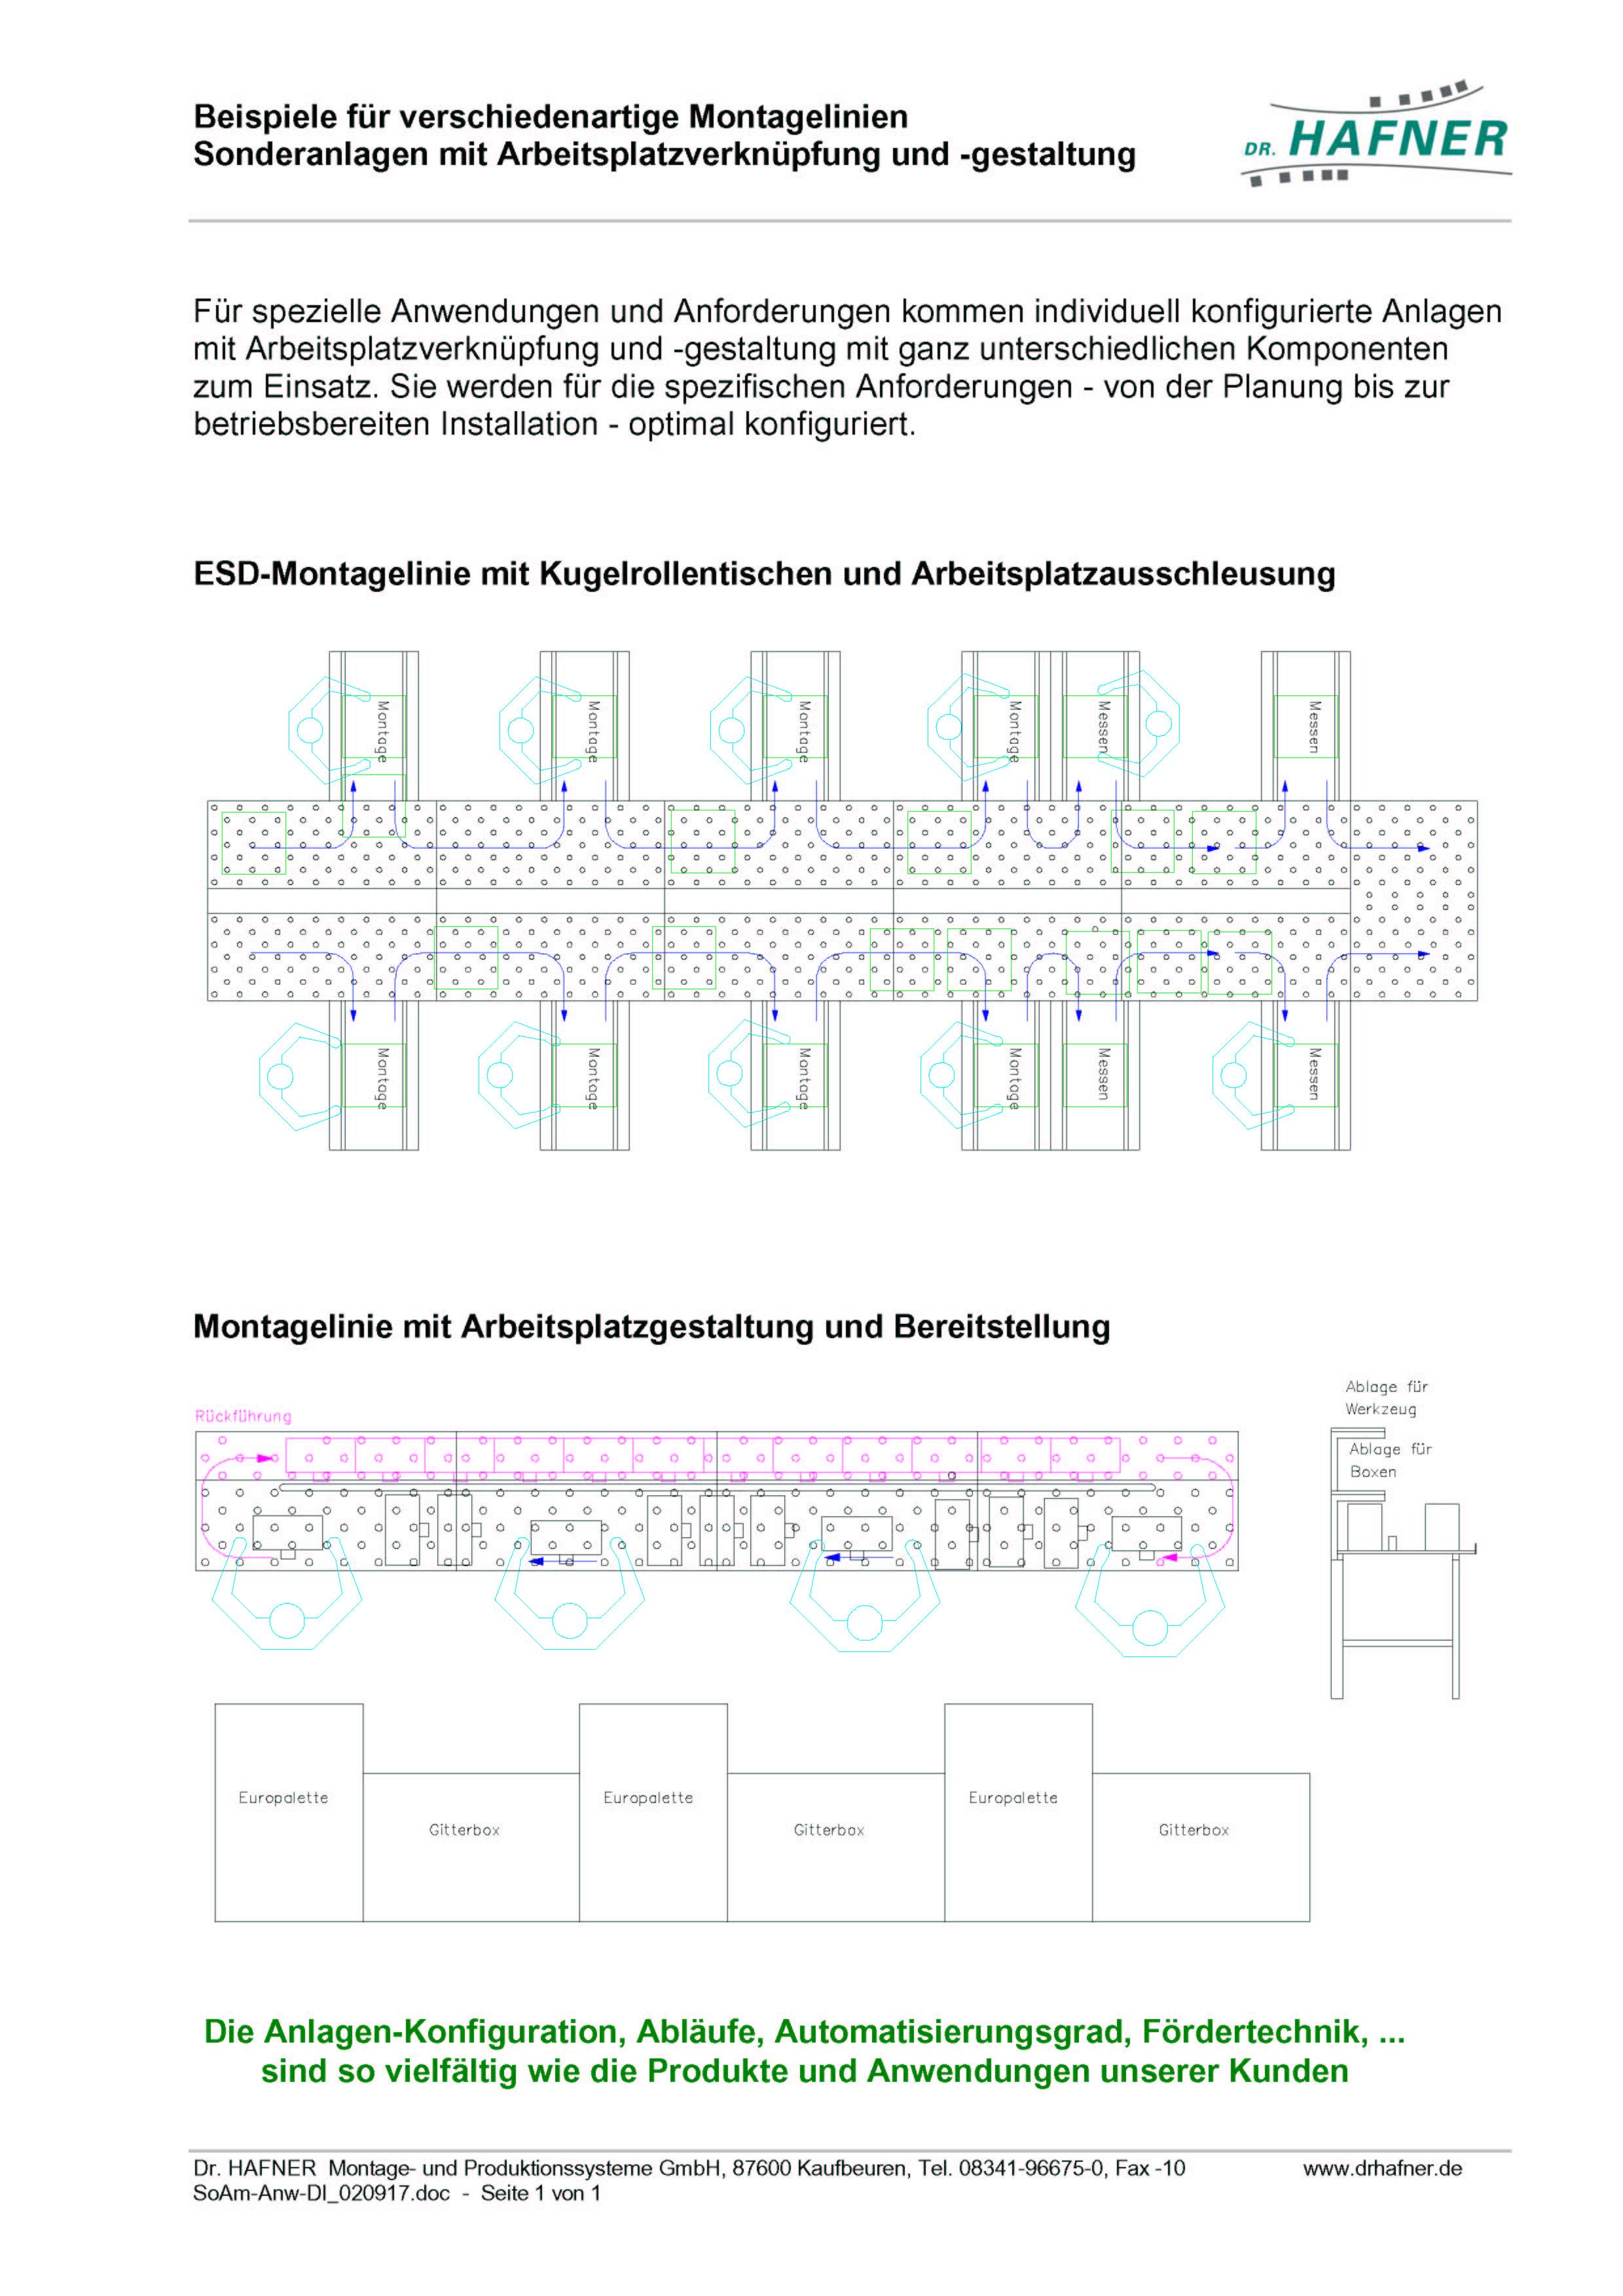 Dr. HAFNER_PKWP_54 Layout Montagelinie Arbeitsplatz